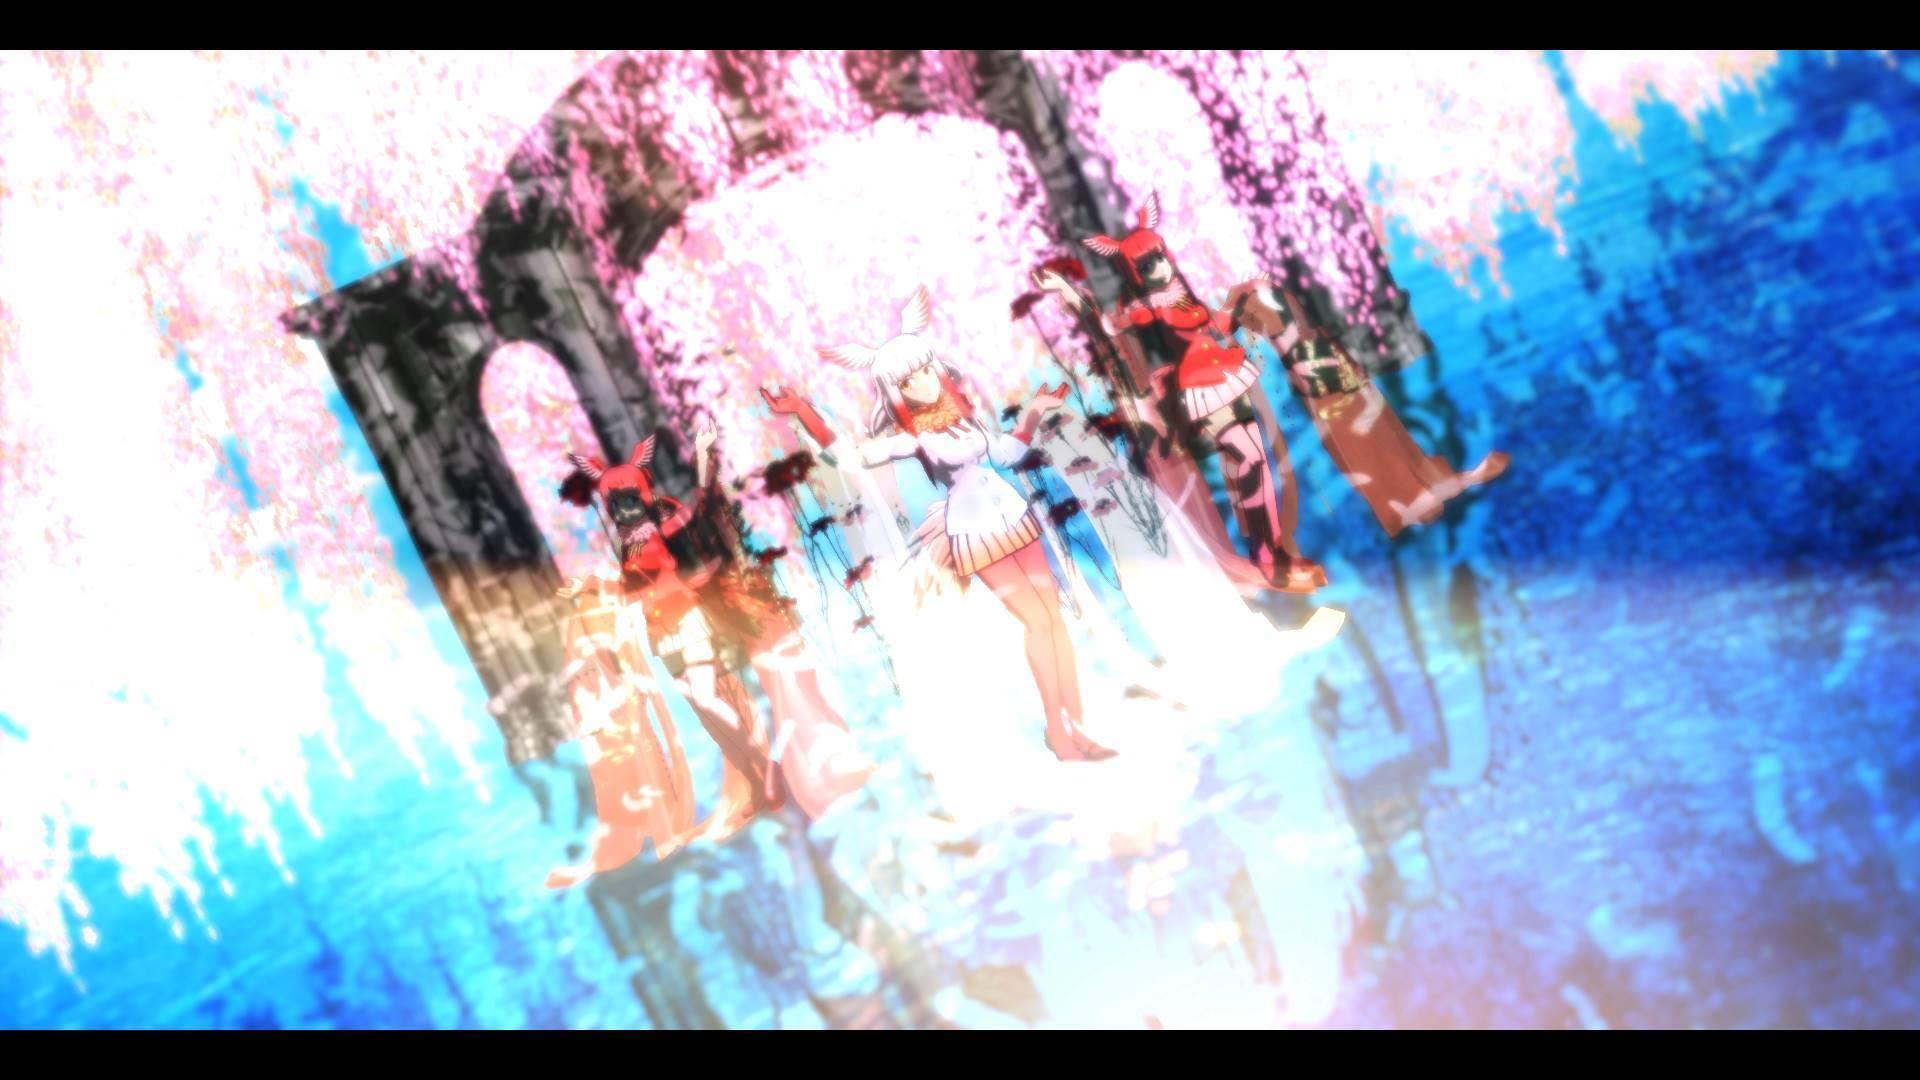 2017-04-14【MMDけもフレ】トキの極楽浄土【けものフレンズ】.avi_snapshot_03.34_[2017.04.15_05.46.16].jpg